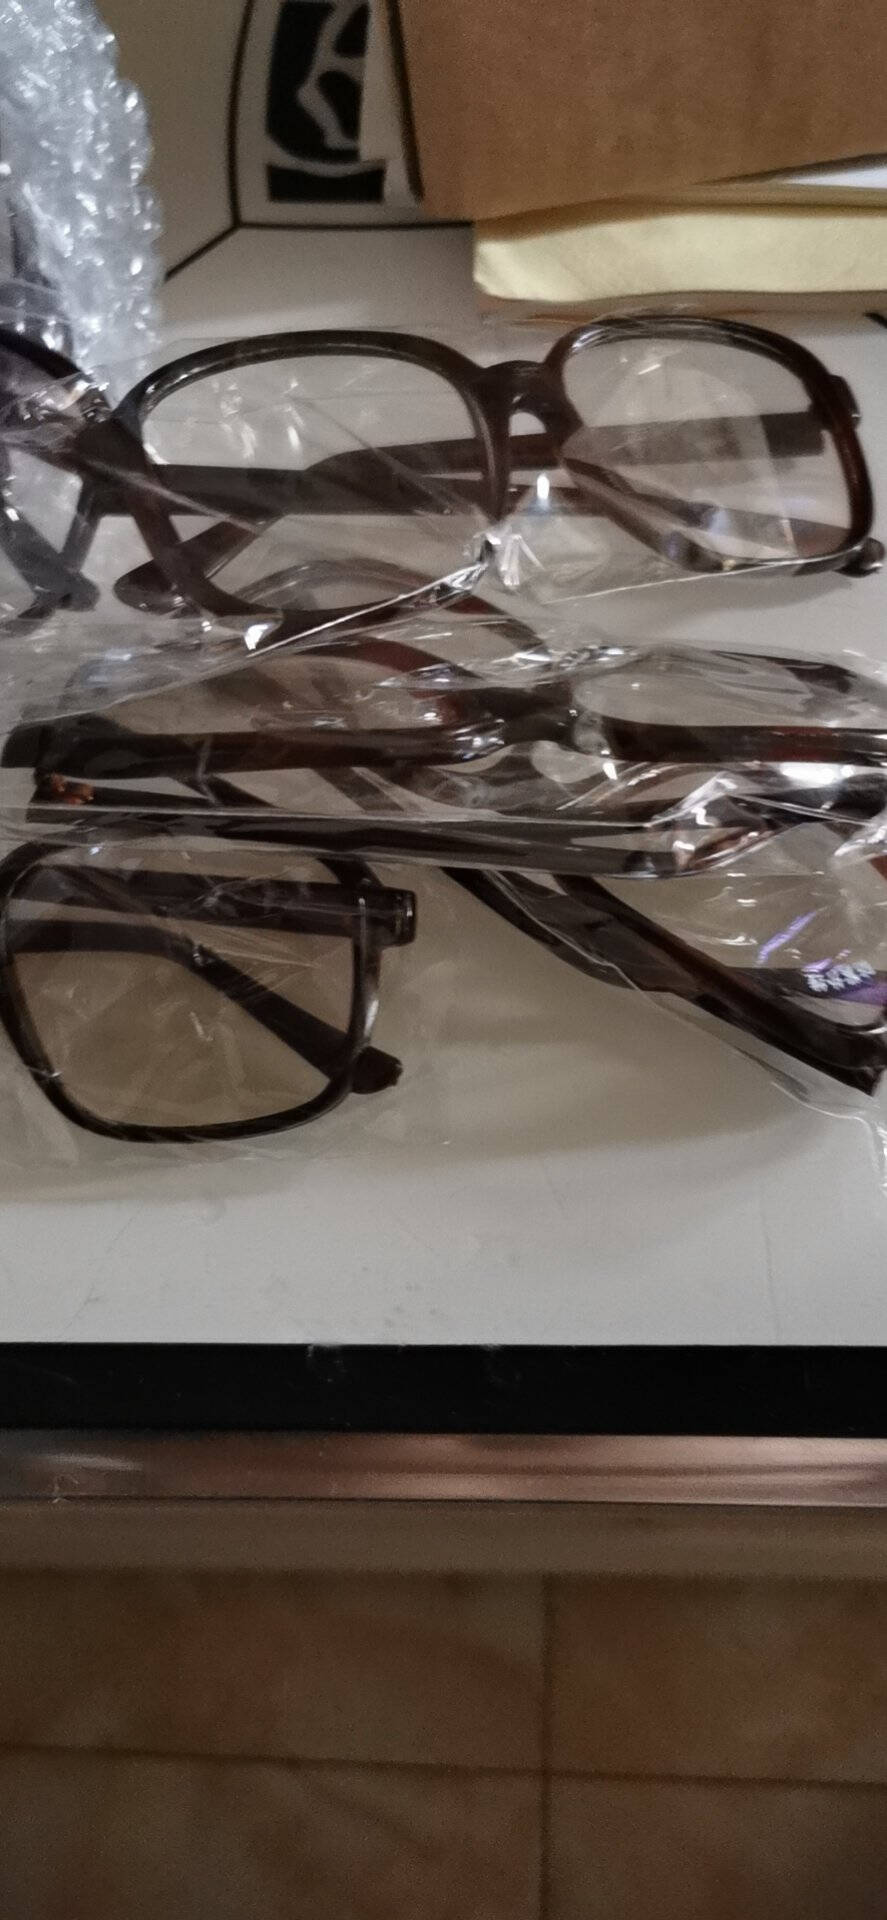 防紫外线电焊眼镜焊工防护眼镜劳保防铁屑氩弧焊平光镜玻璃眼镜透明镜片均码